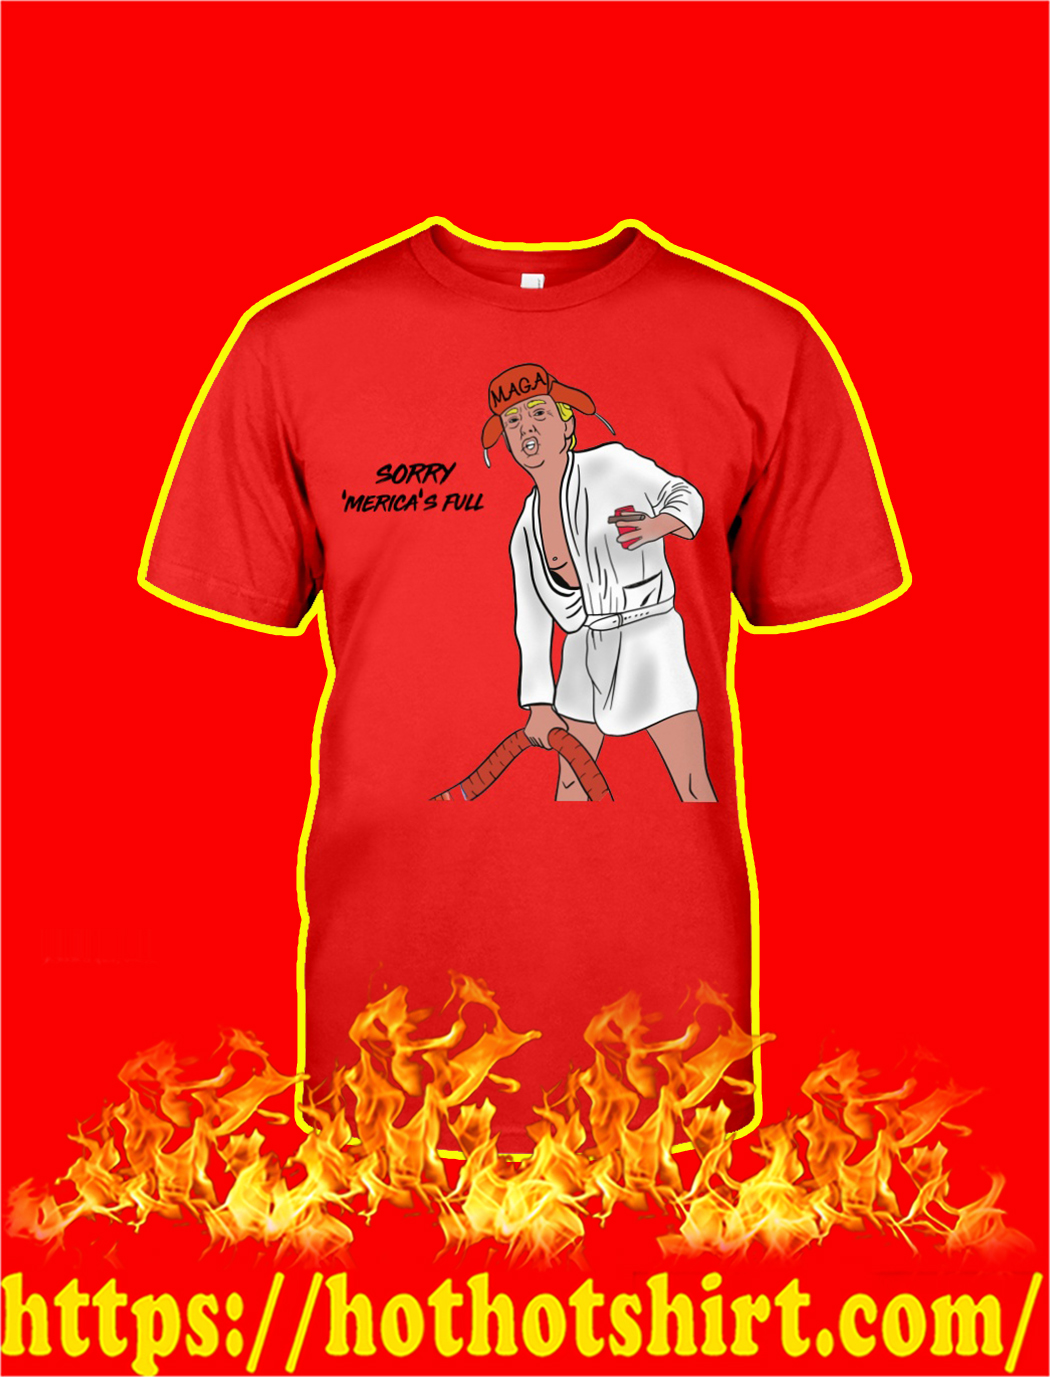 Sorry Merica's Full Christmas T-shirt